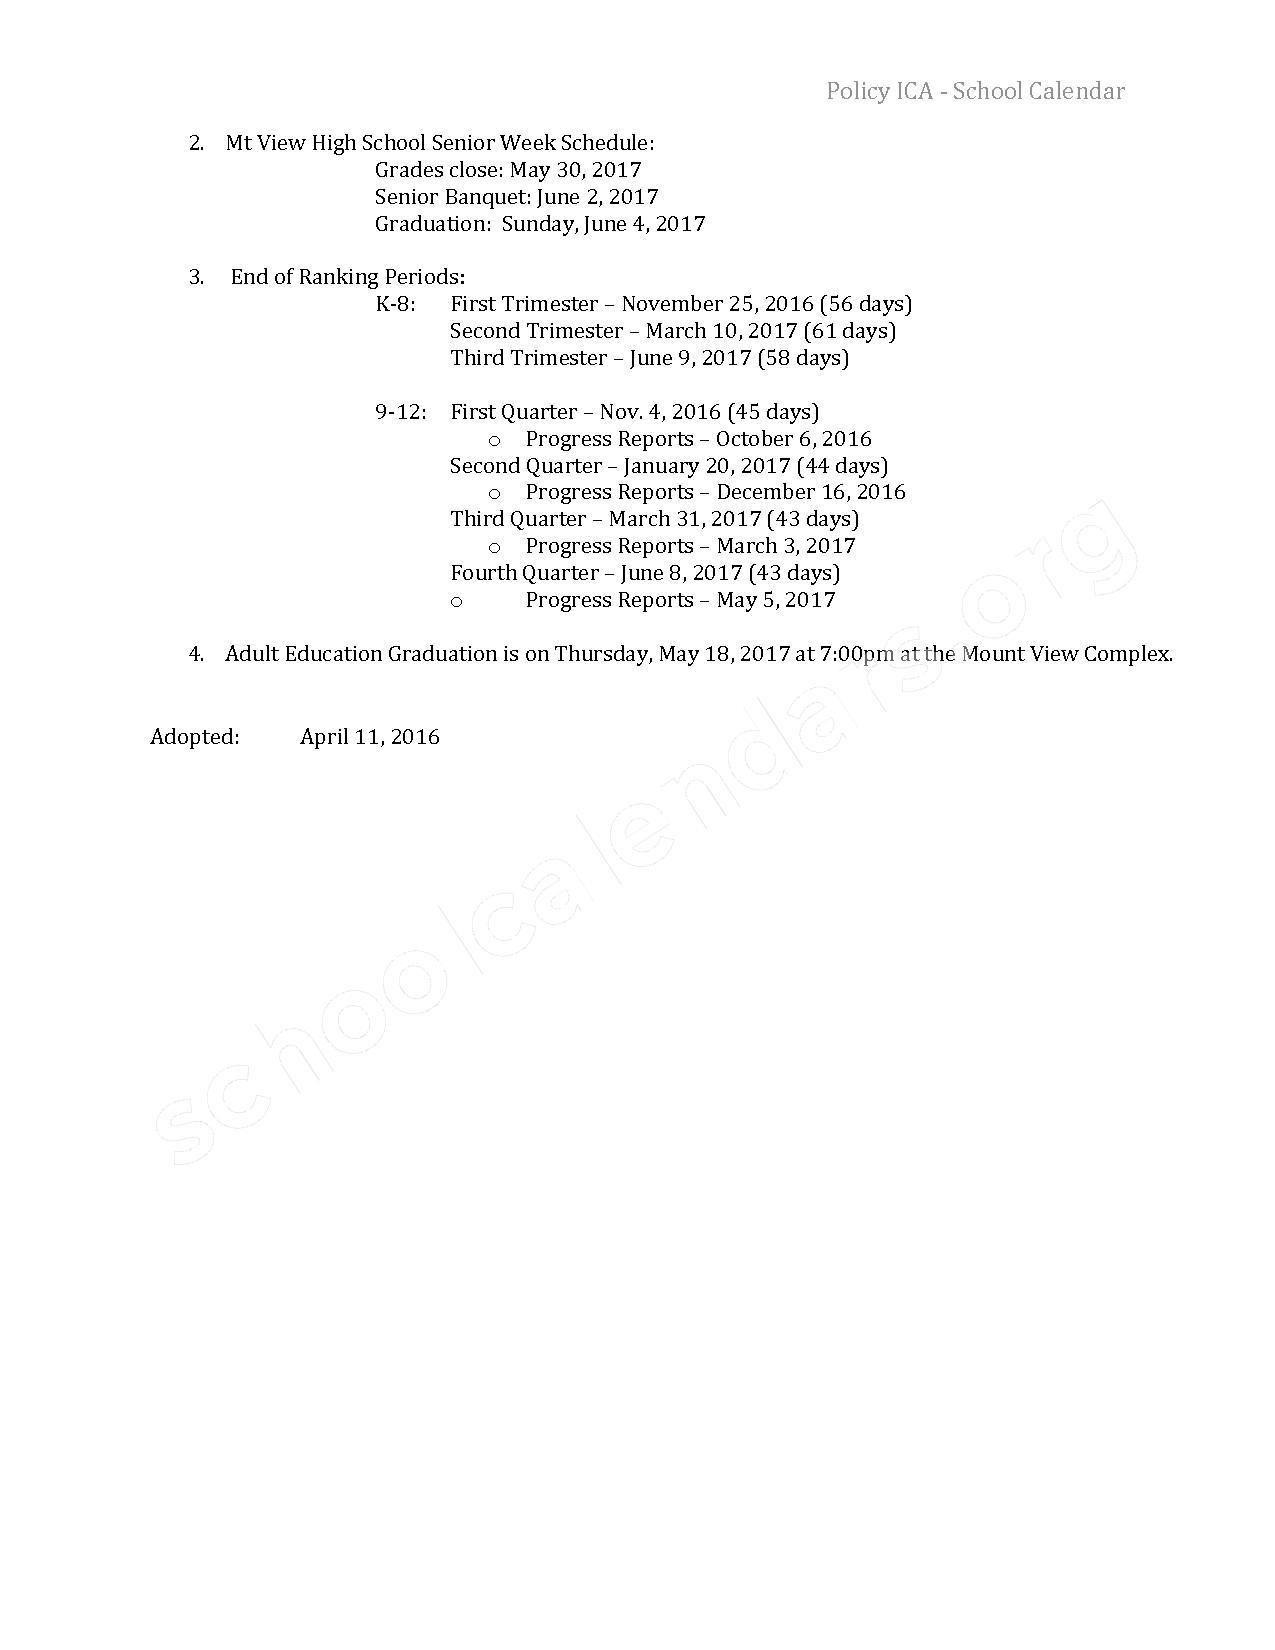 2016 - 2017 School Calendar – Regional School Unit 3 (RSU 3) – page 2